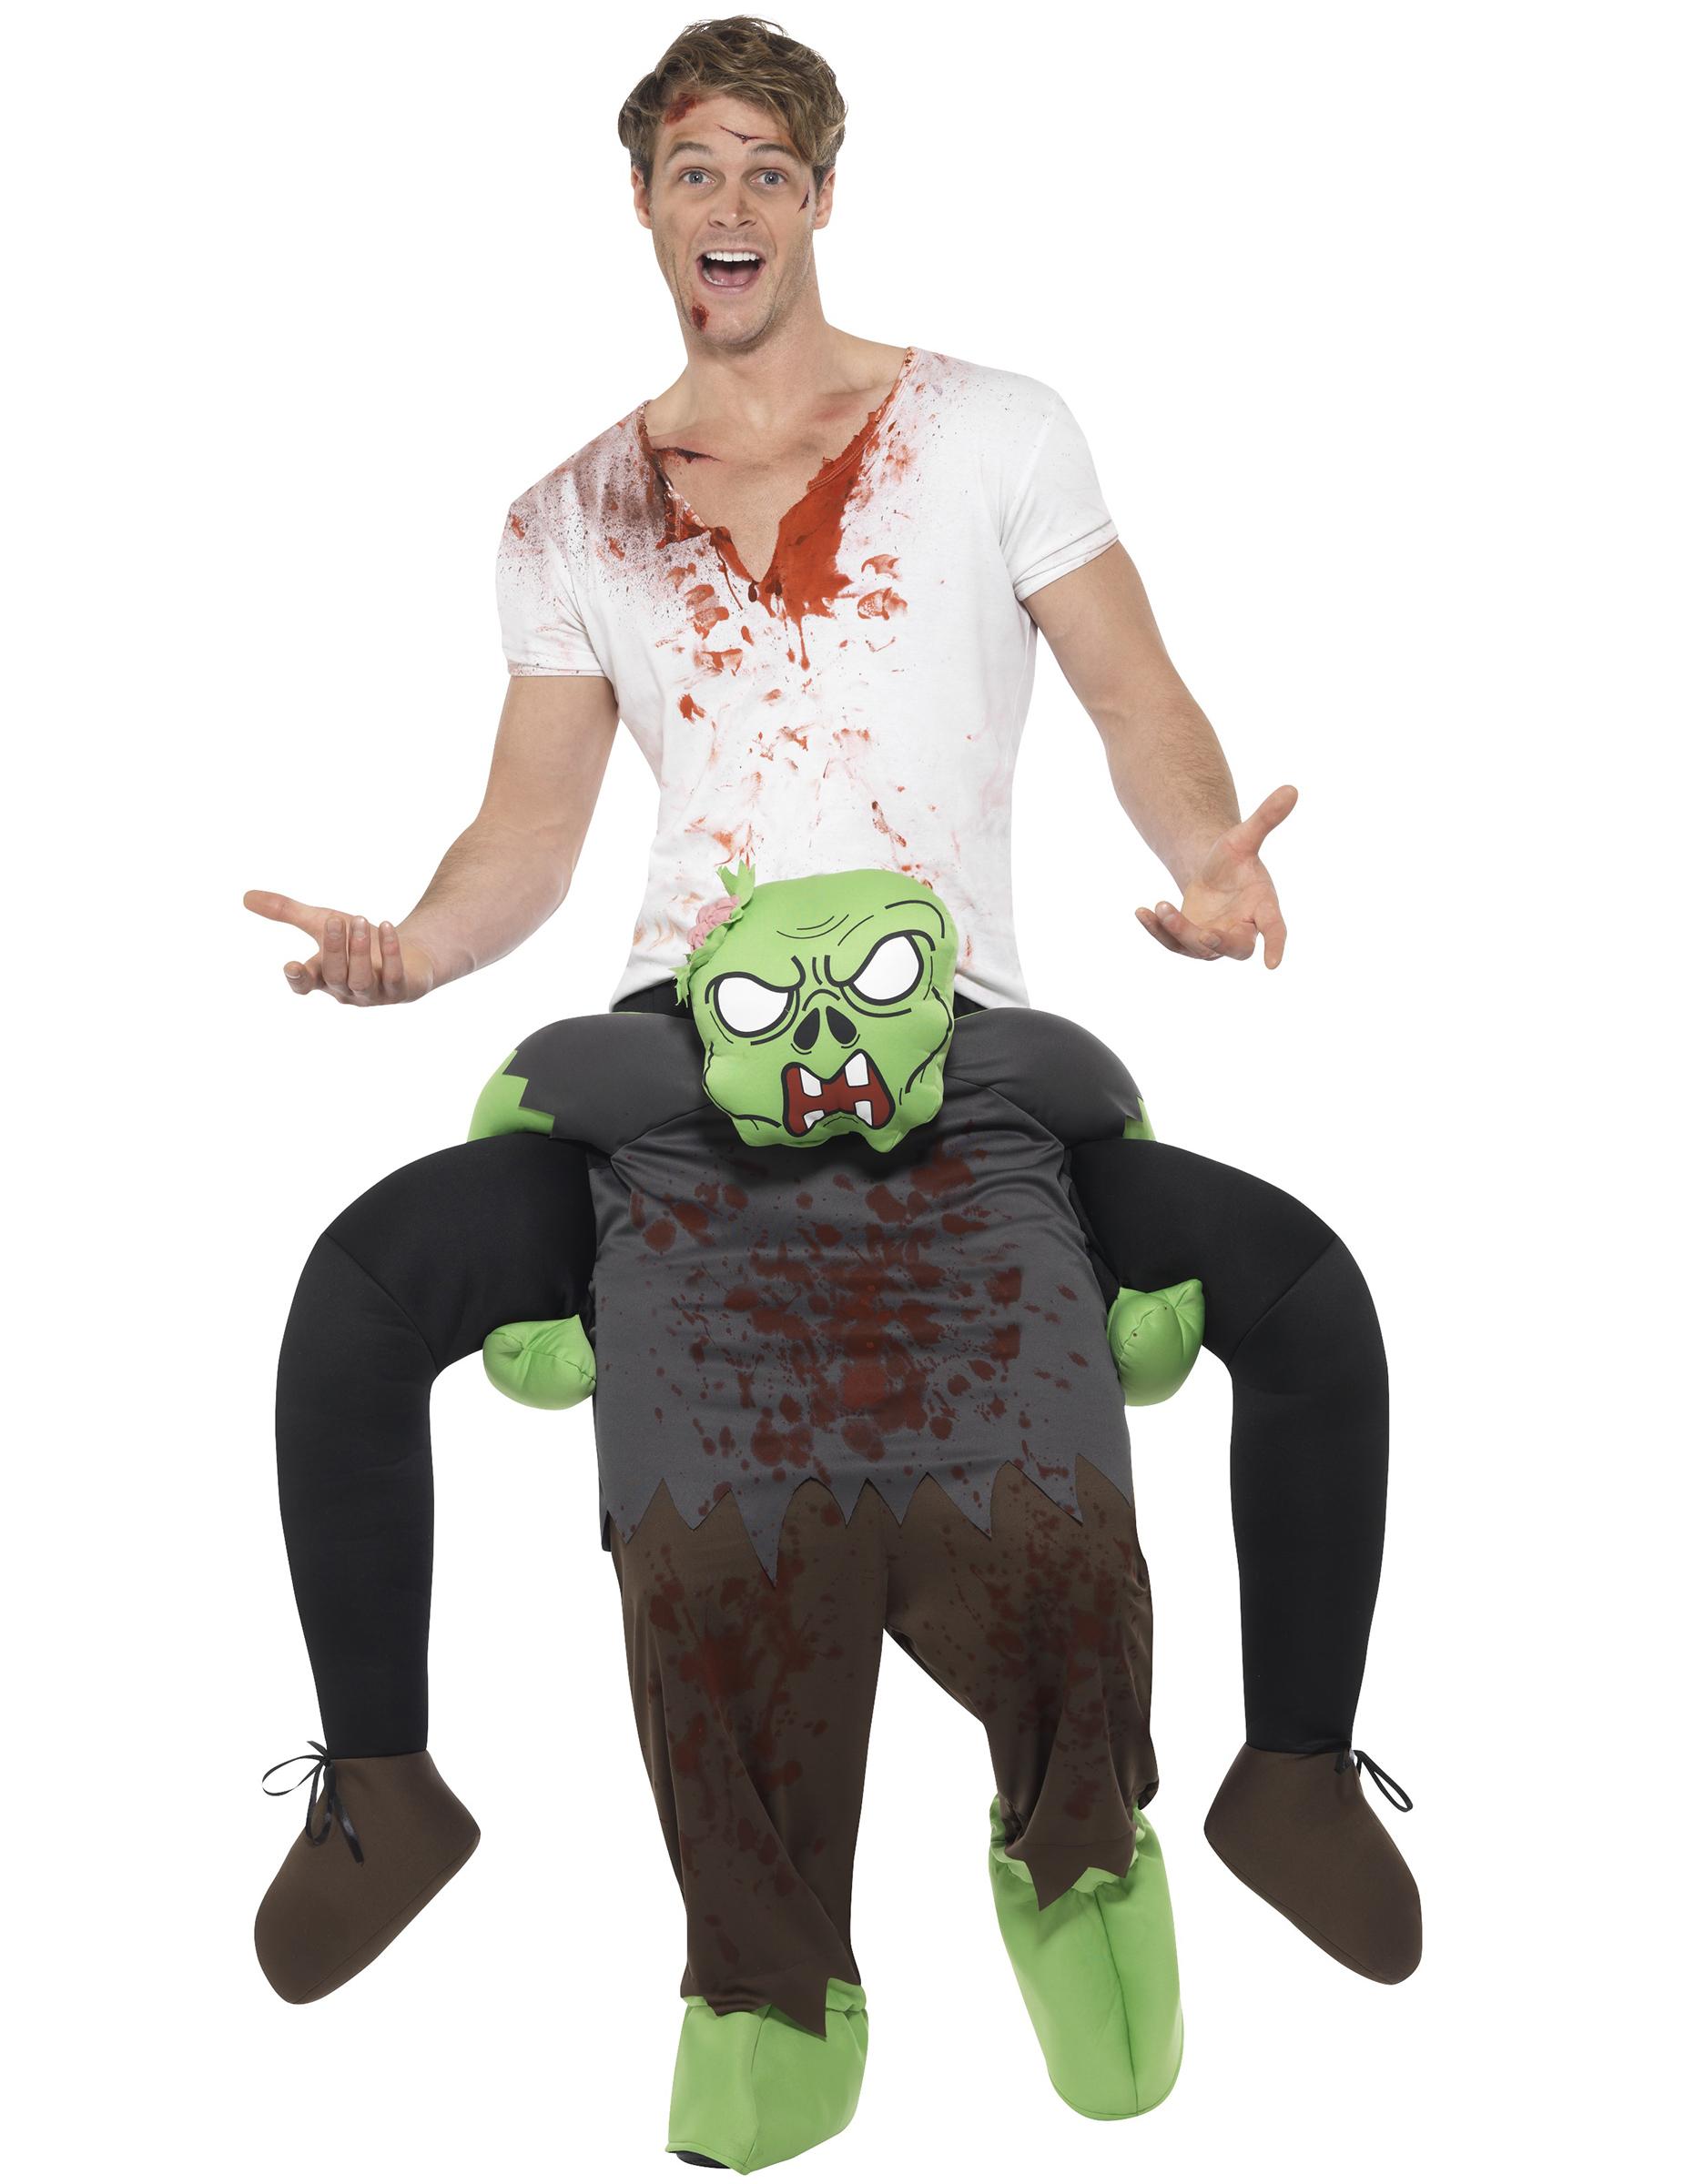 carry-me zombierreiter halloween-kostüm , günstige faschings kostüme